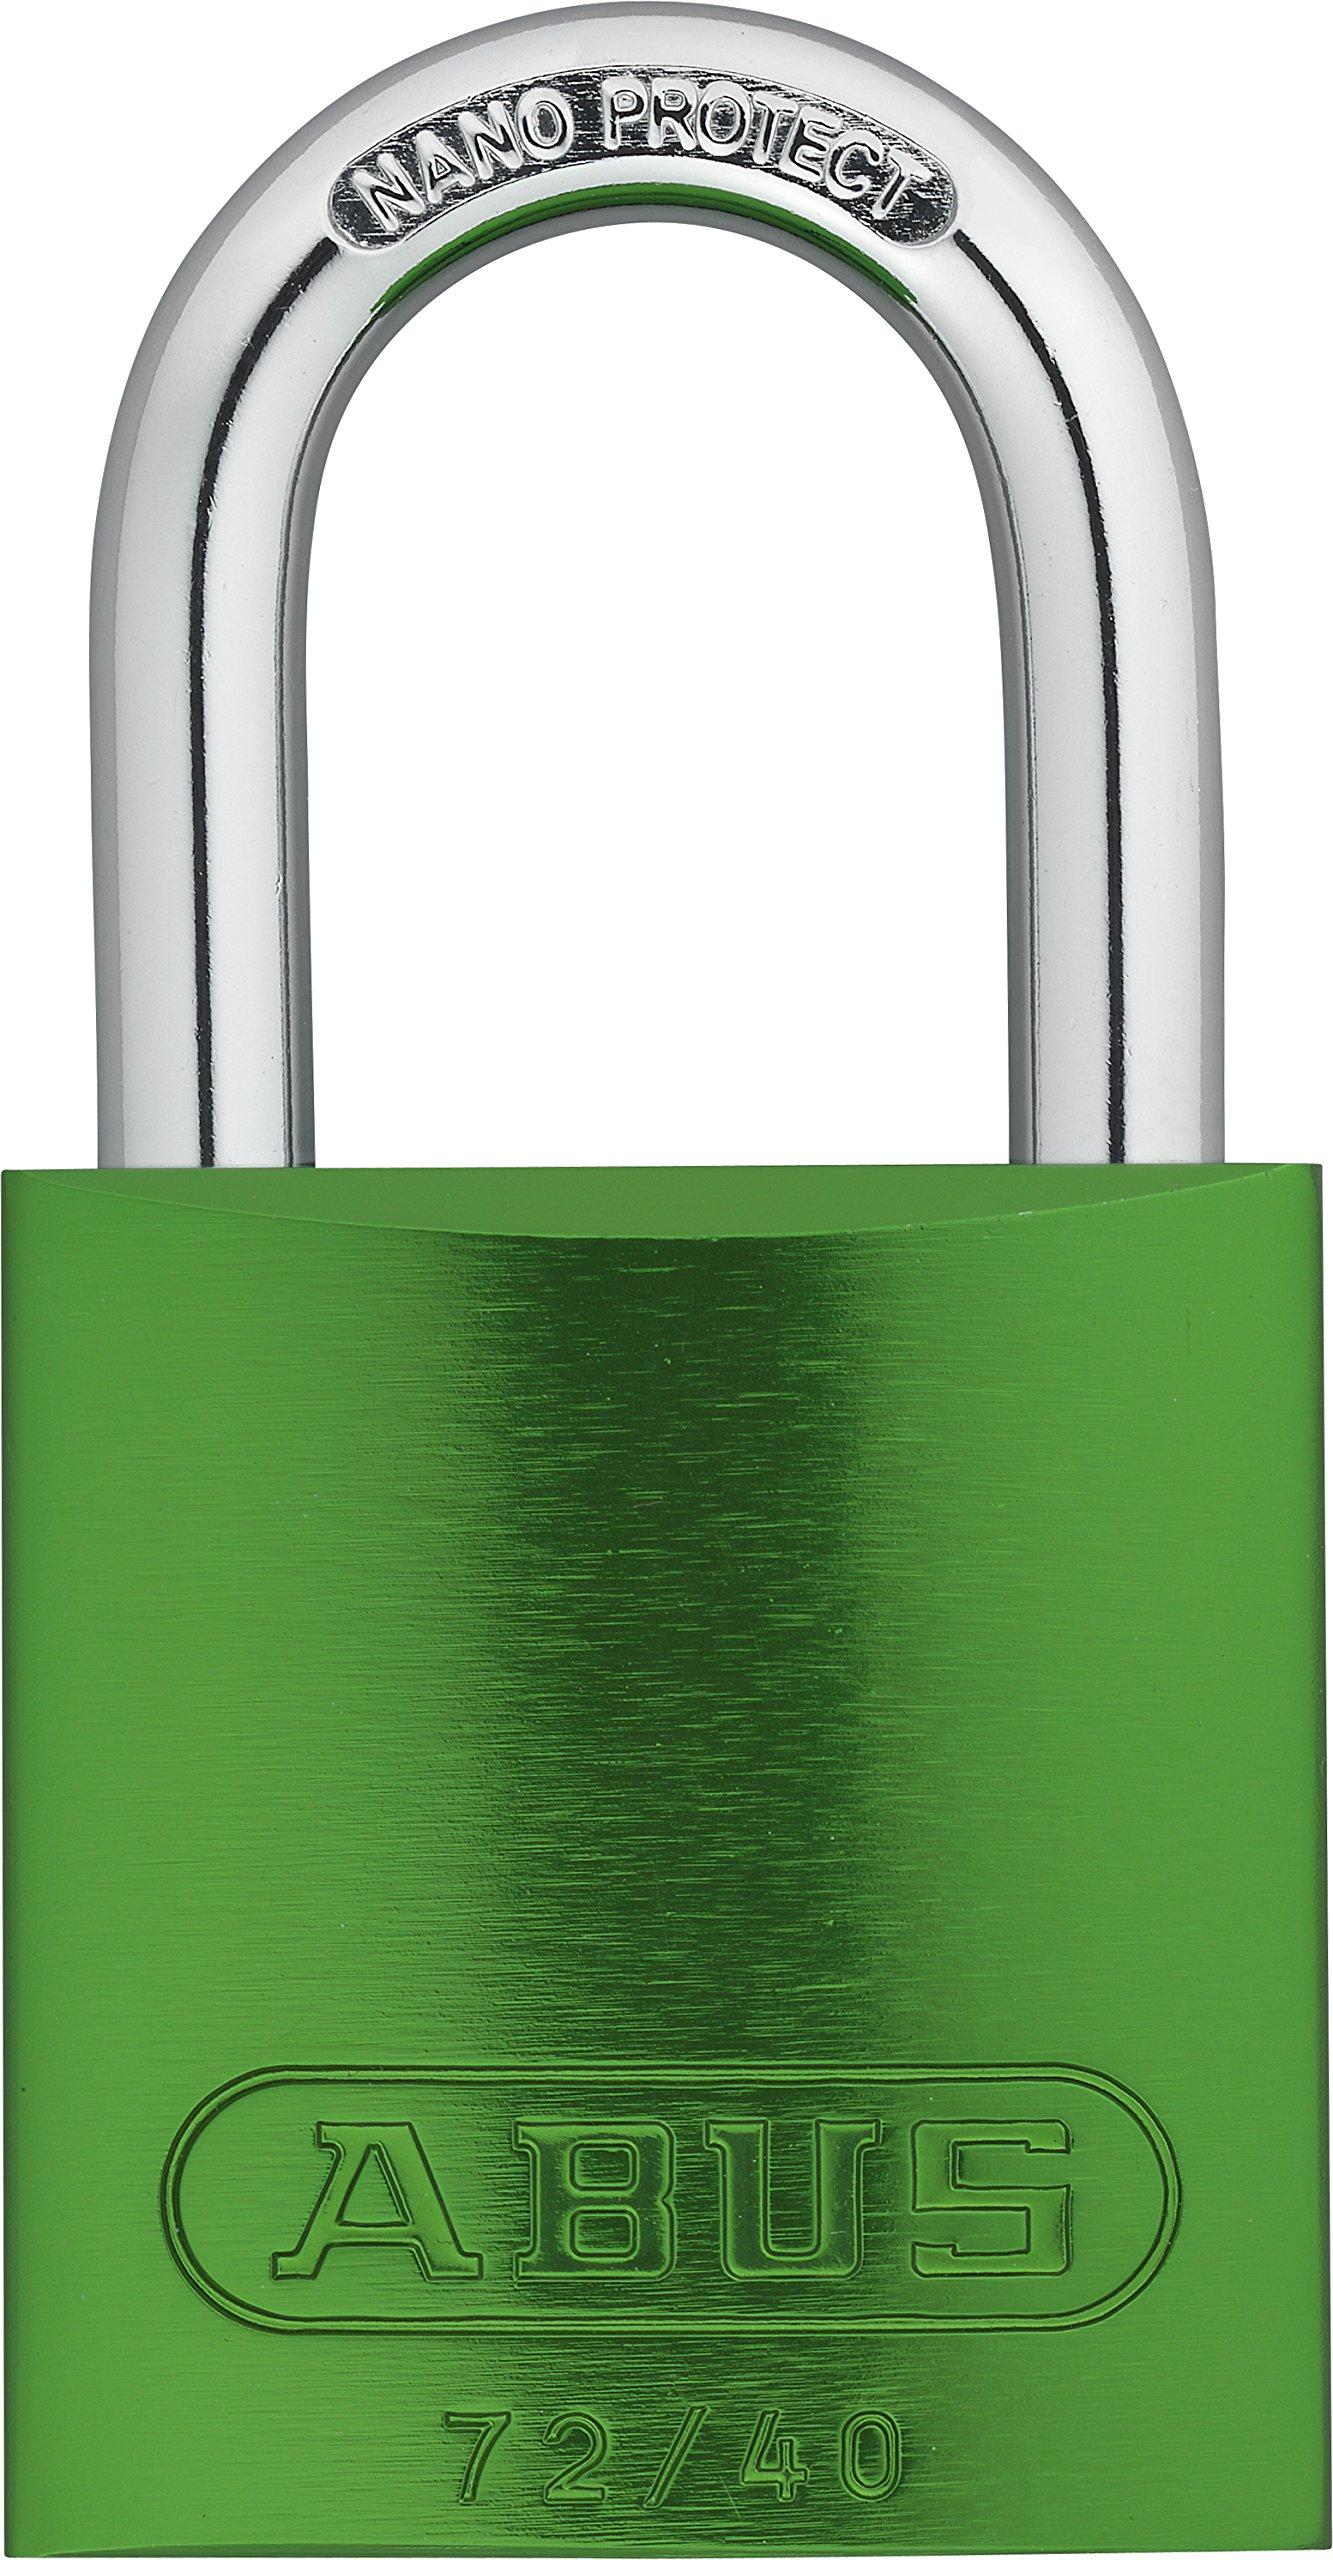 ABUS 72/40 KA Safety Lockout Aluminum Keyed Alike Padlock with 1-Inch shackle, Green